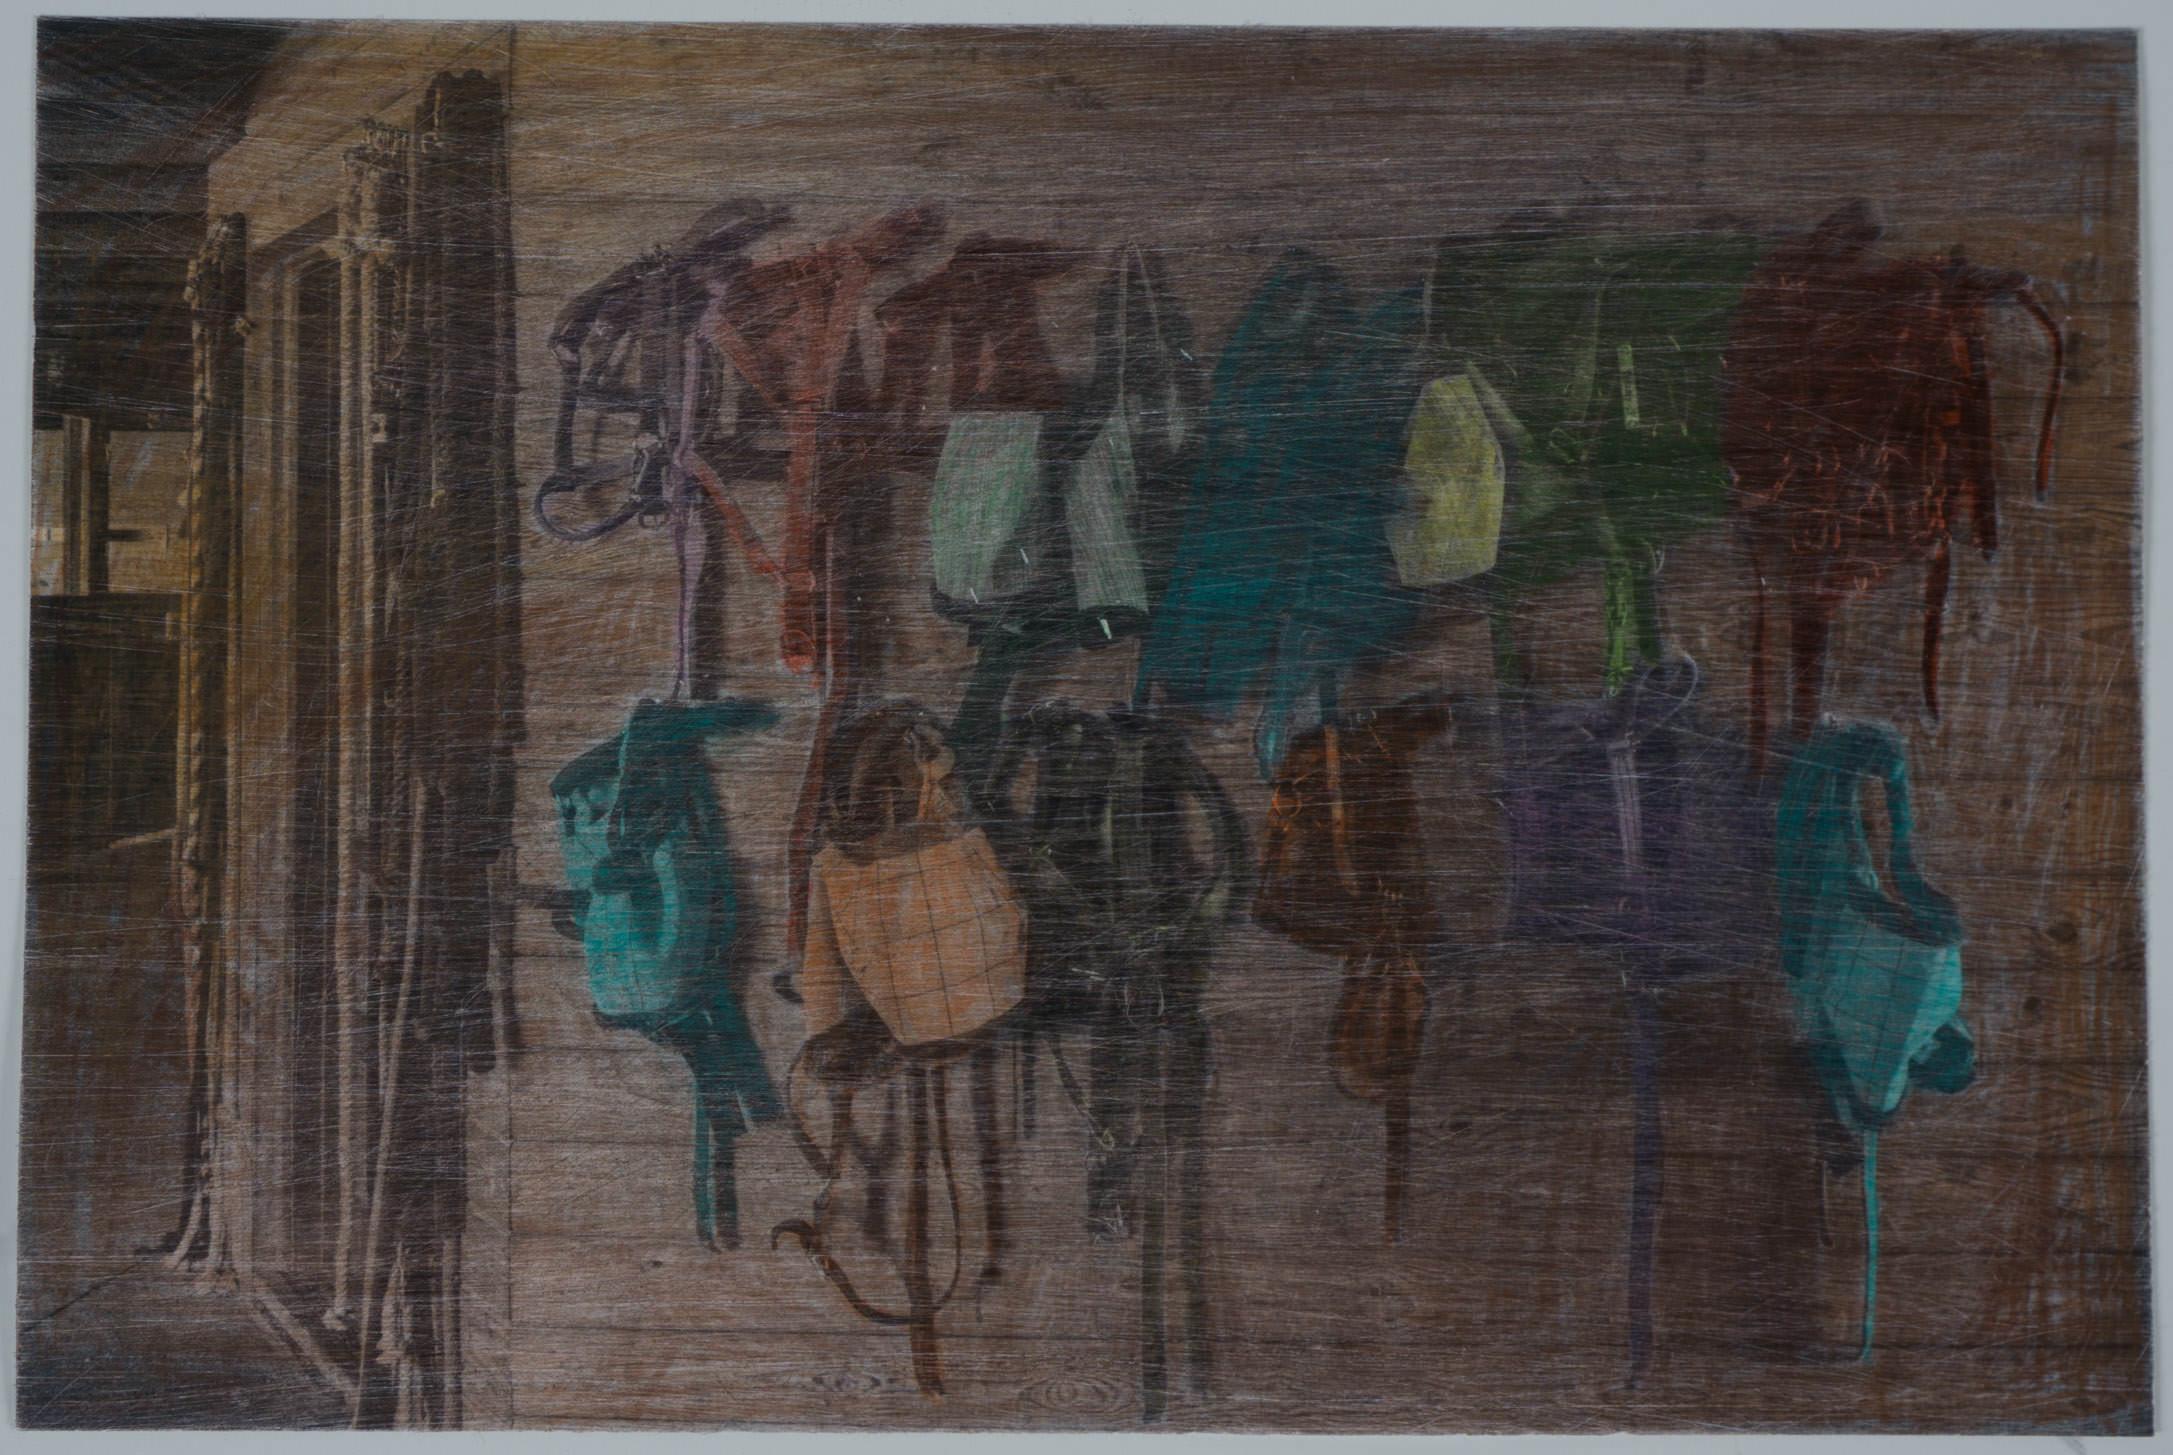 Horse barn2  (8x10 - sanded print - pencil